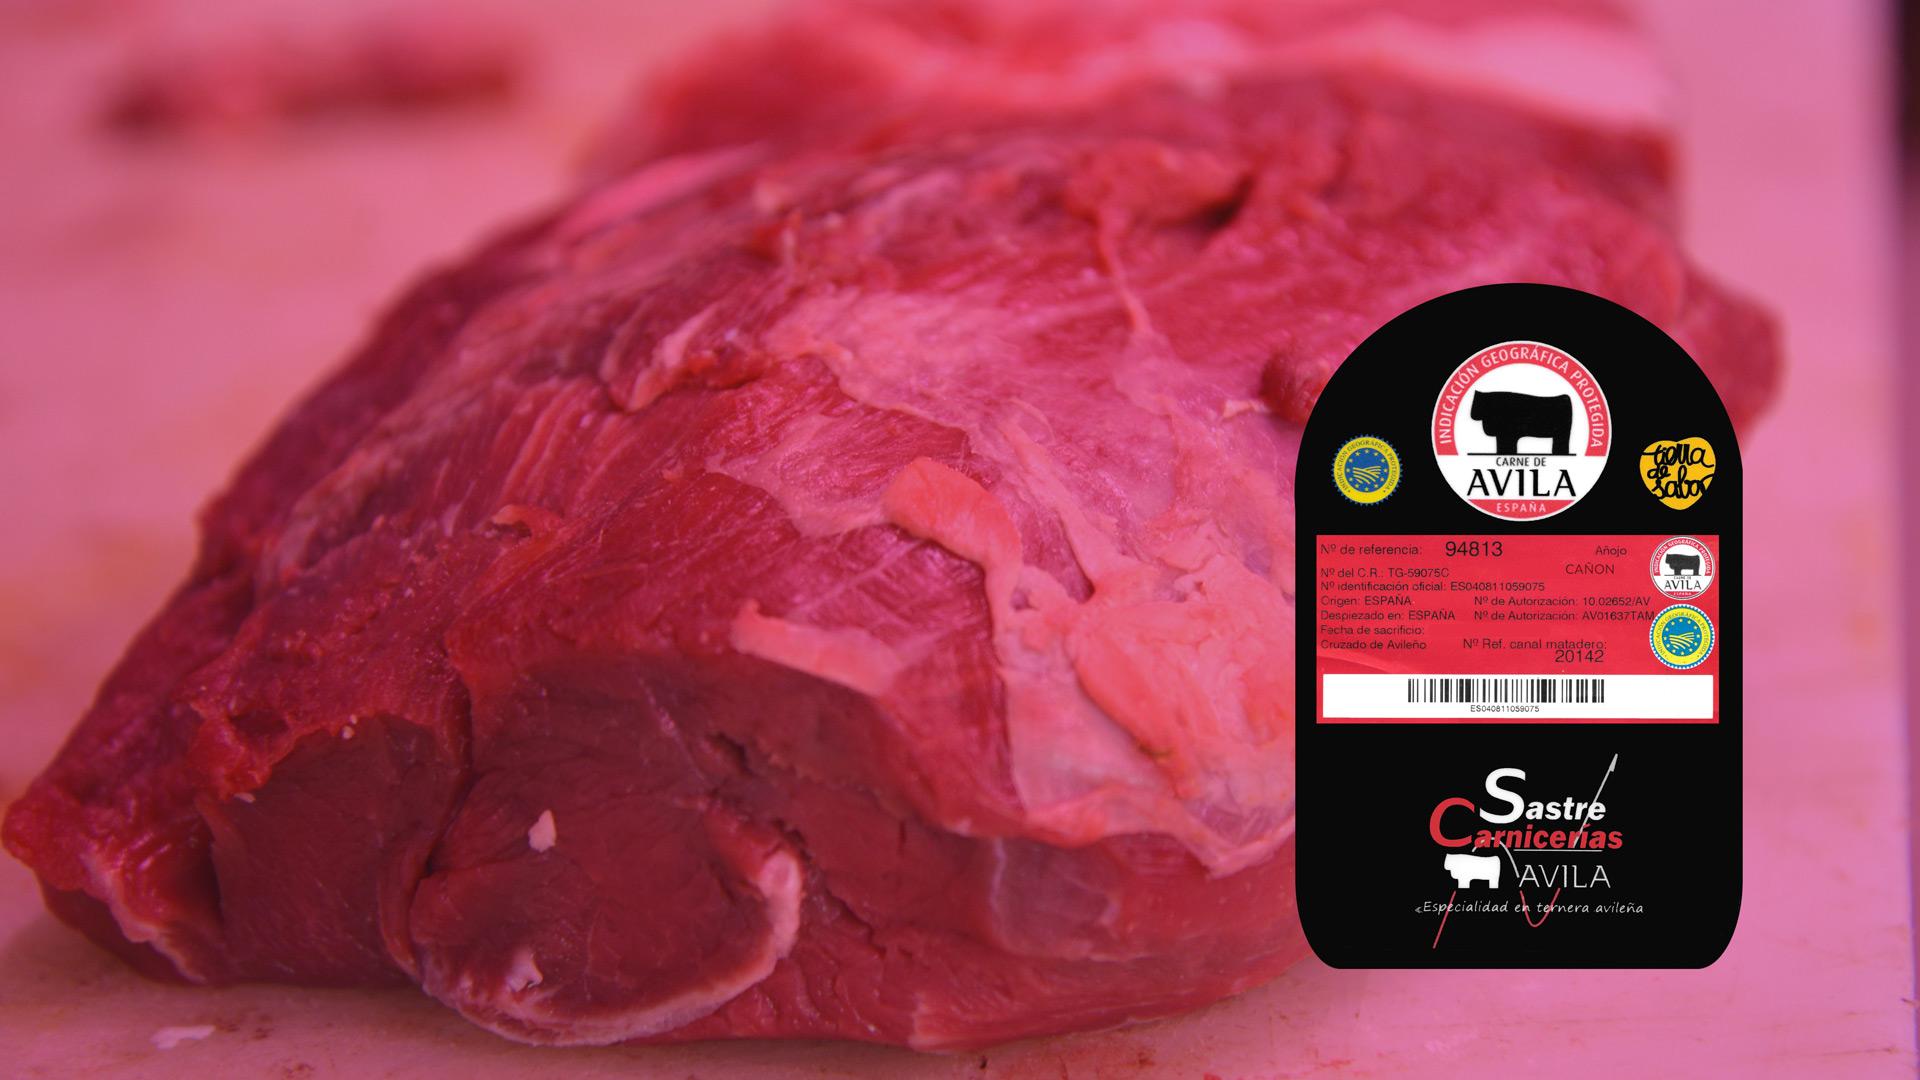 cañon-de-ternera-avileña-carniceria-sastre-Ávila01